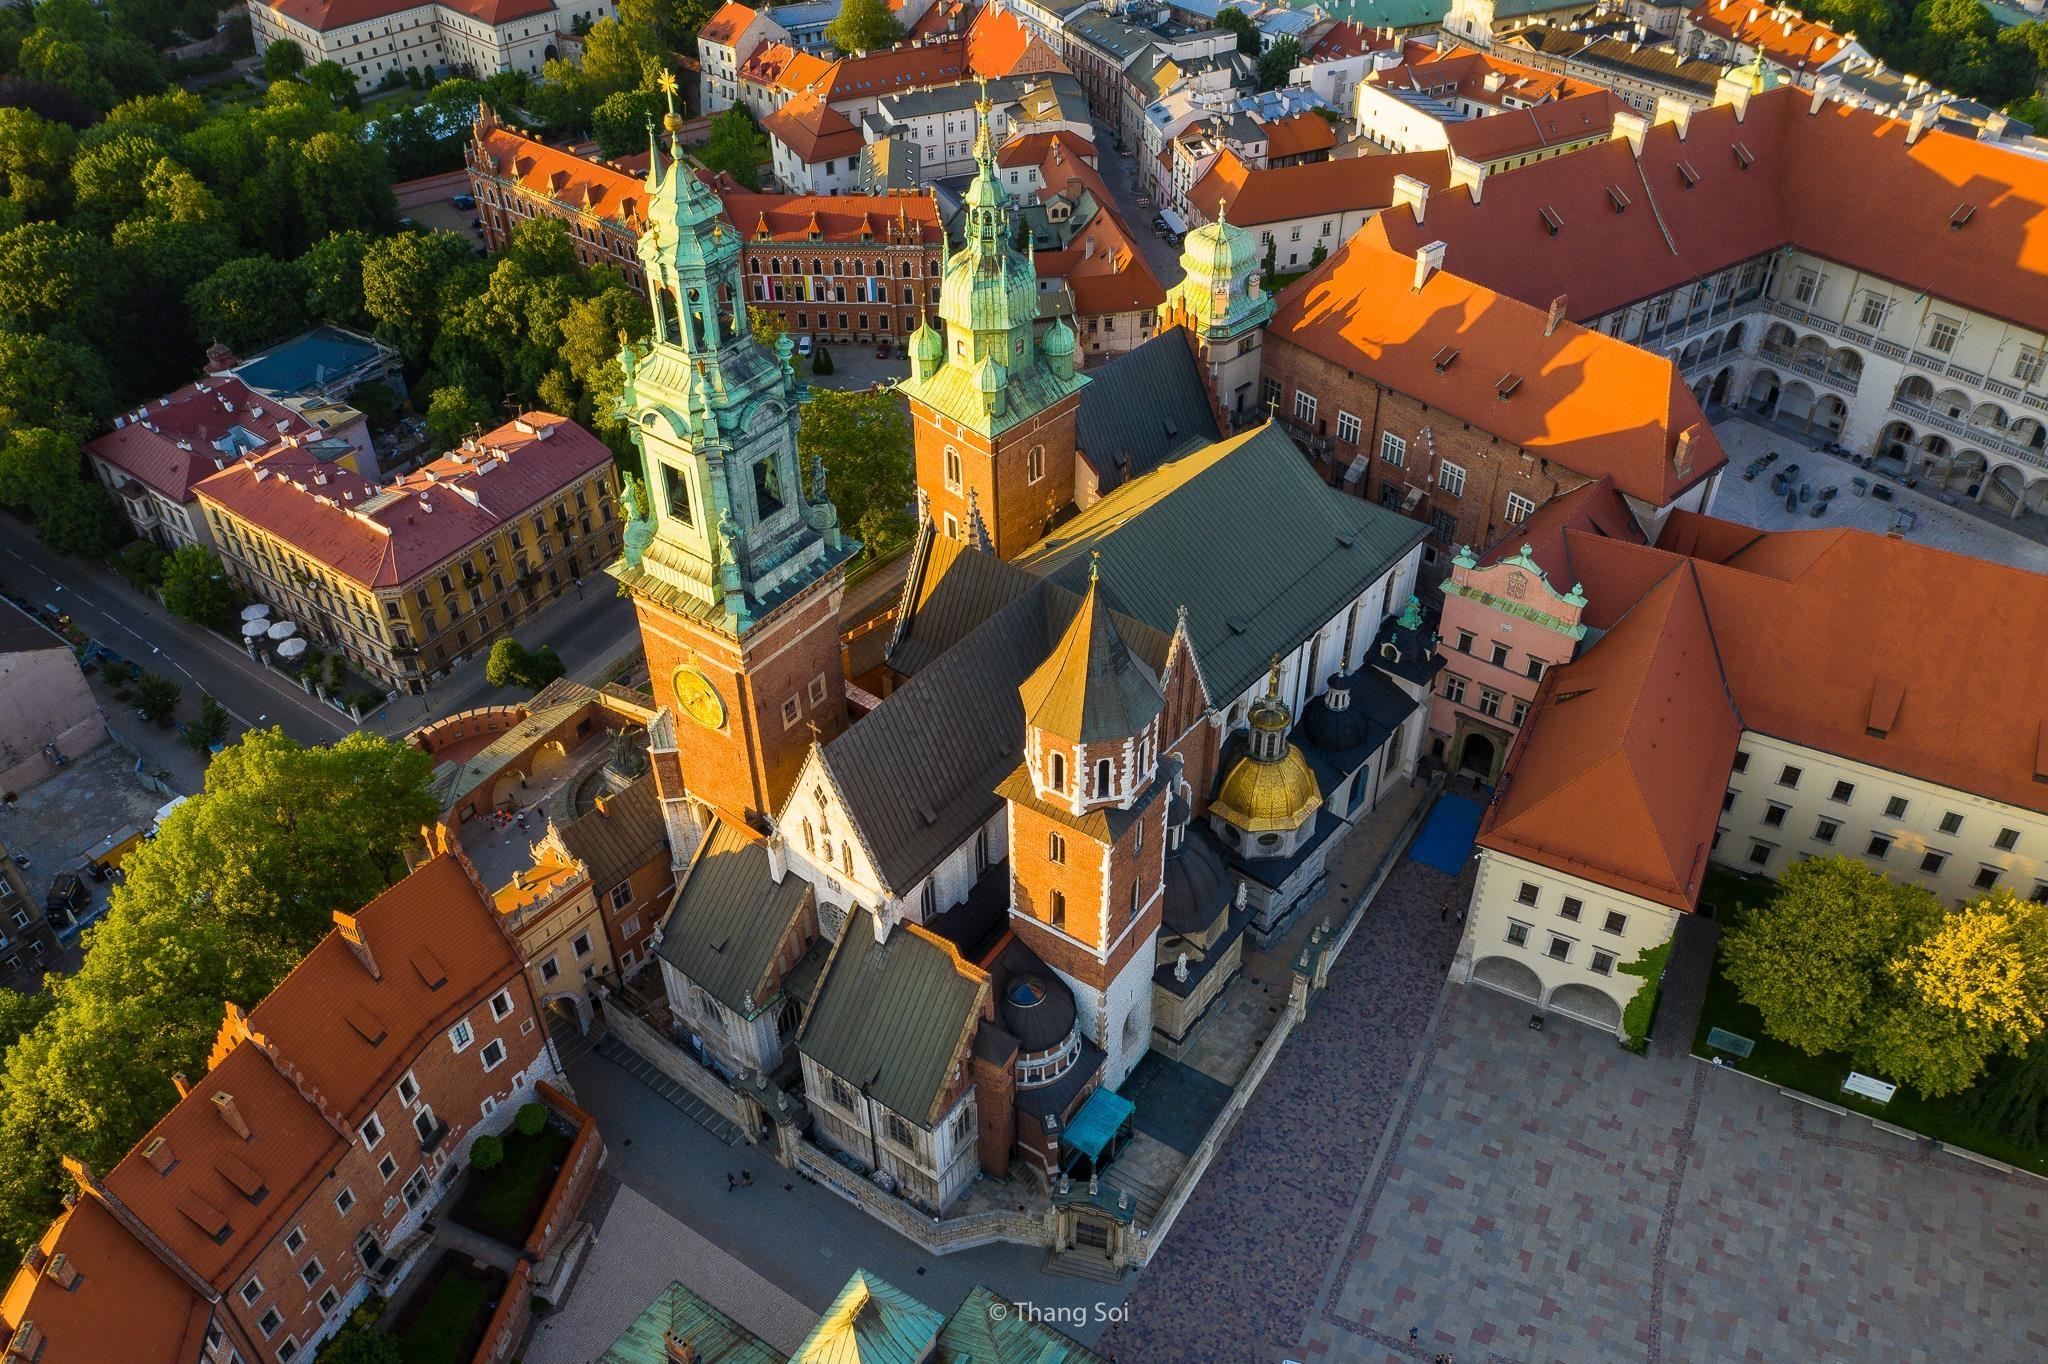 Krakow, kinh do co phai ghe tham khi den Ba Lan hinh anh 5